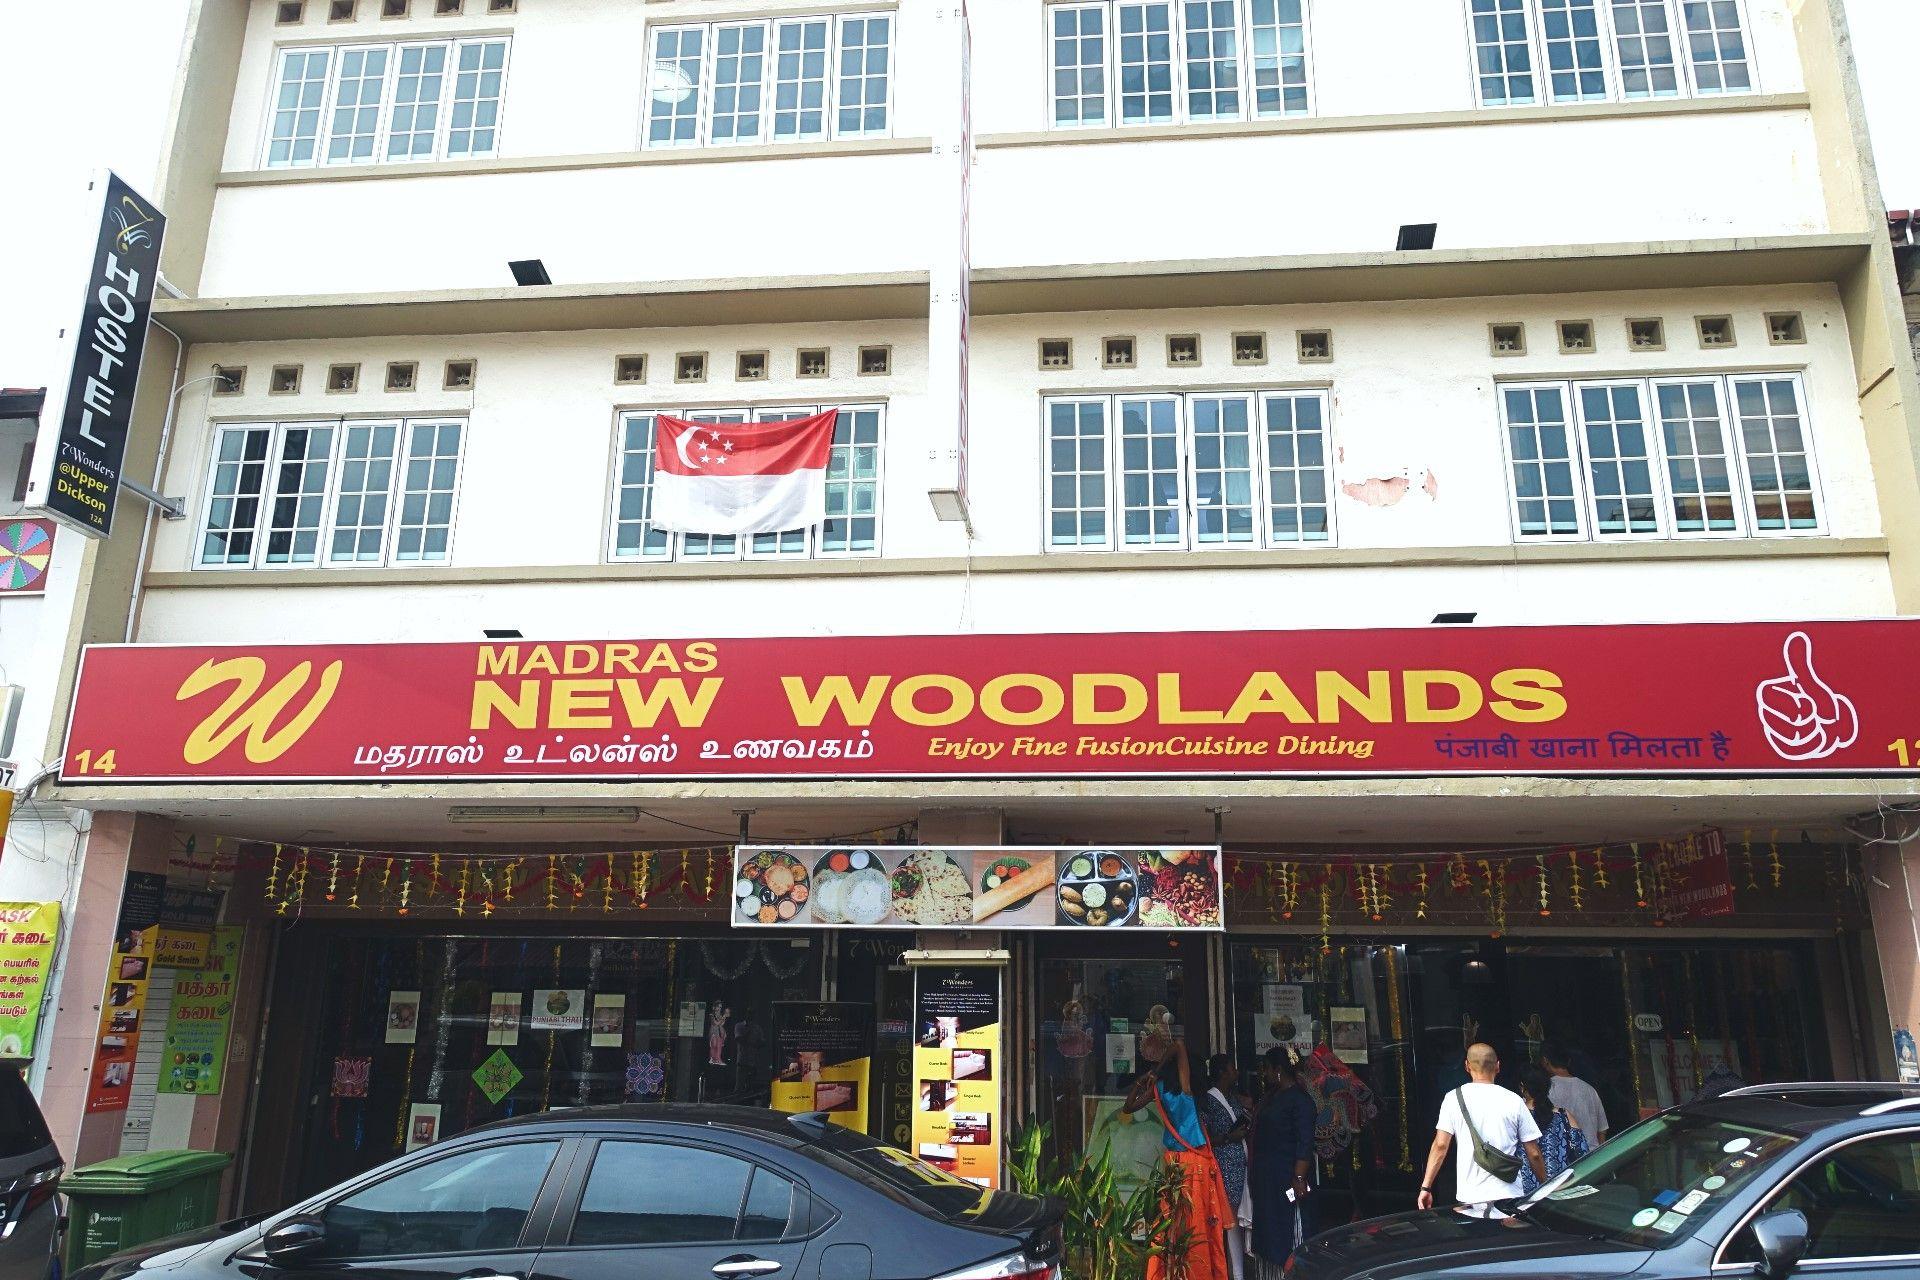 Madras New Woodlands